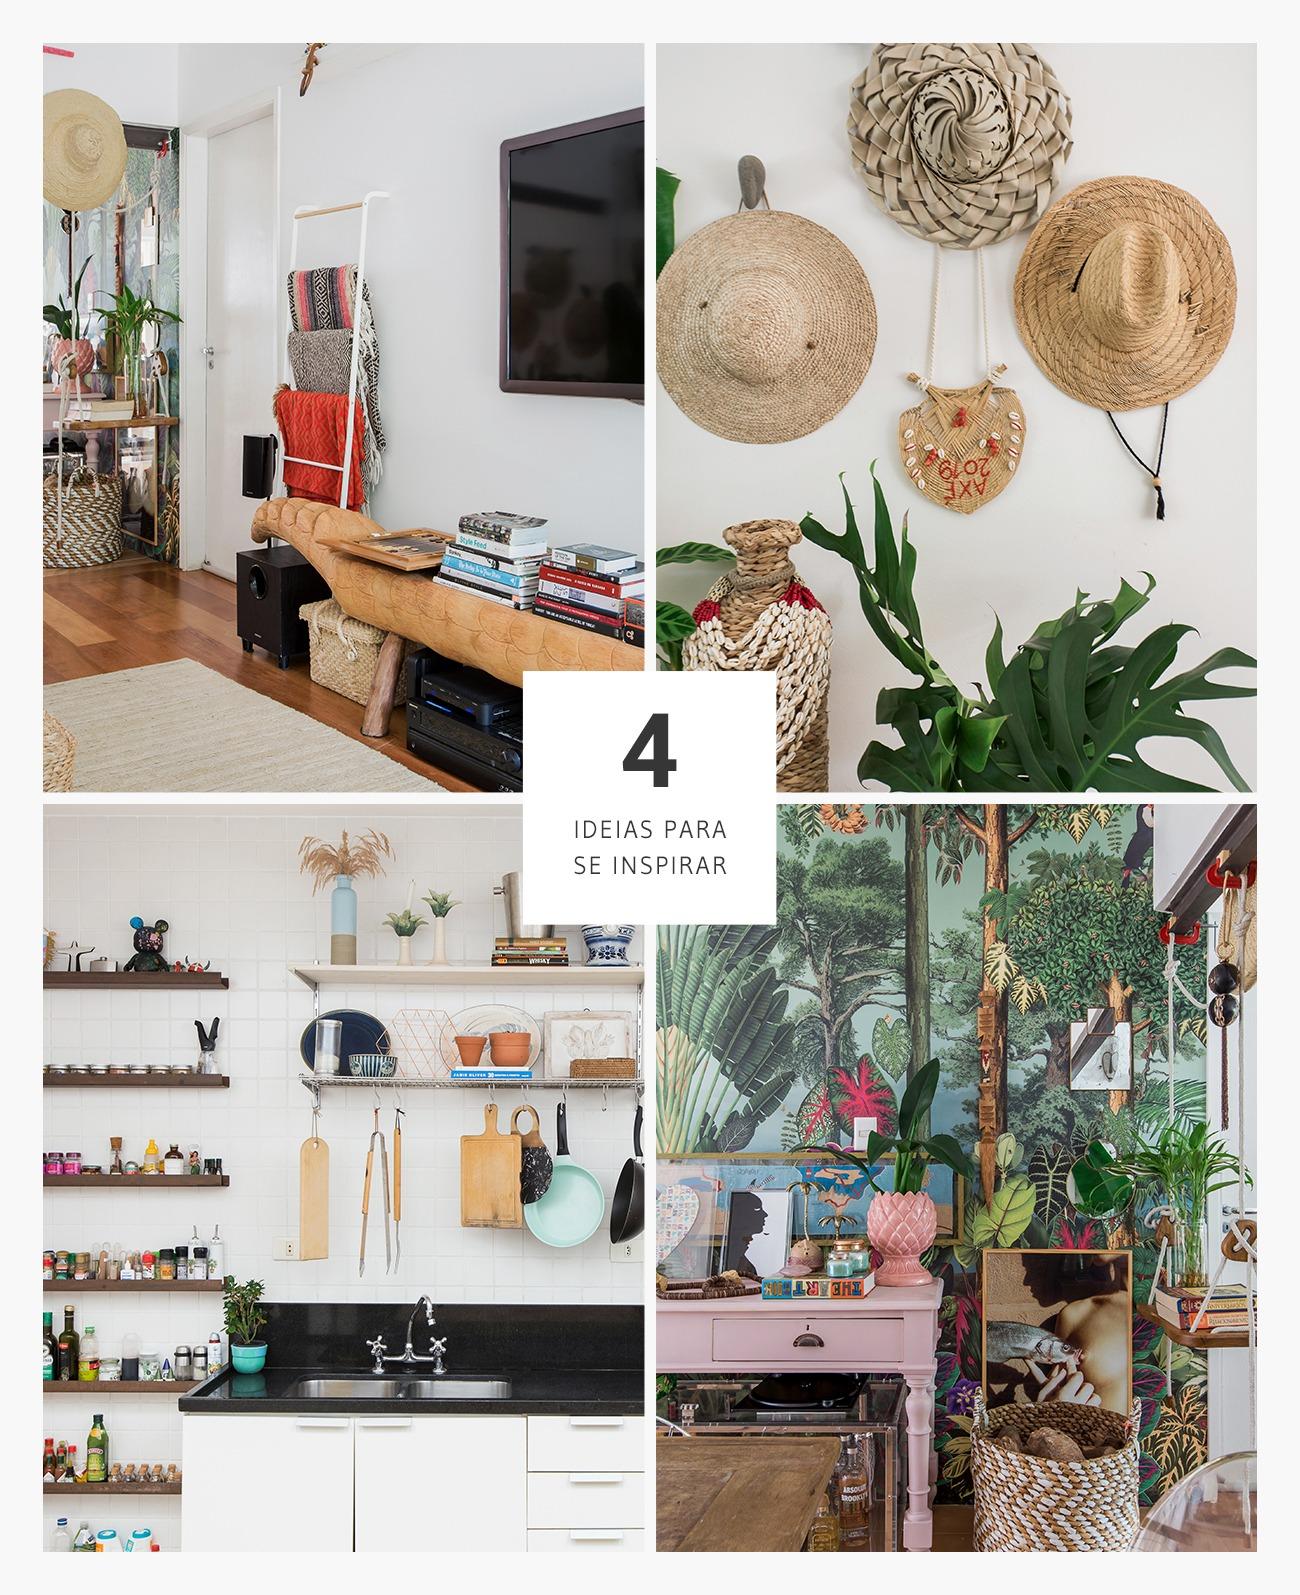 Casa com detalhes rústicos e boas ideias de decoração